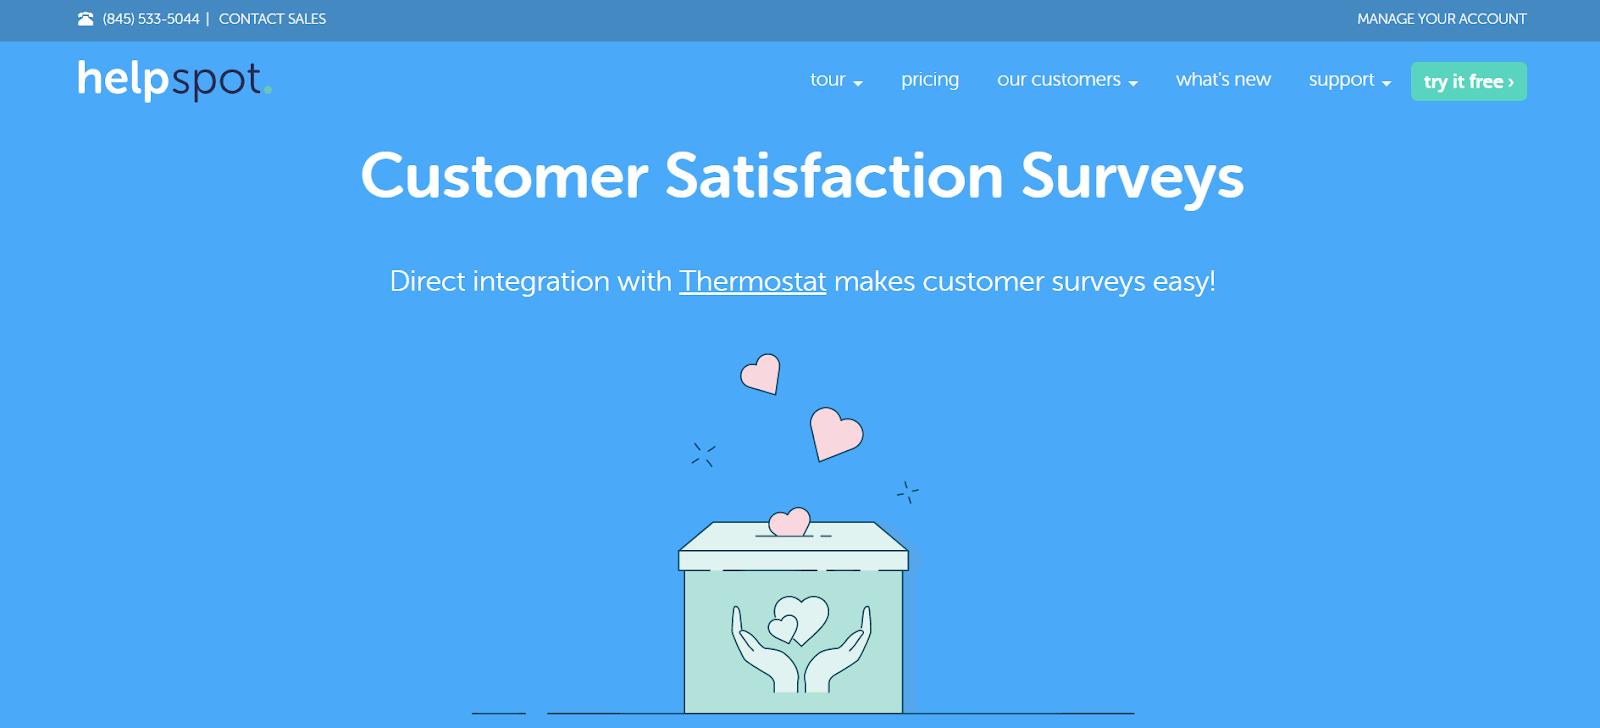 HelpSpot Customer Satisfaction Surveys